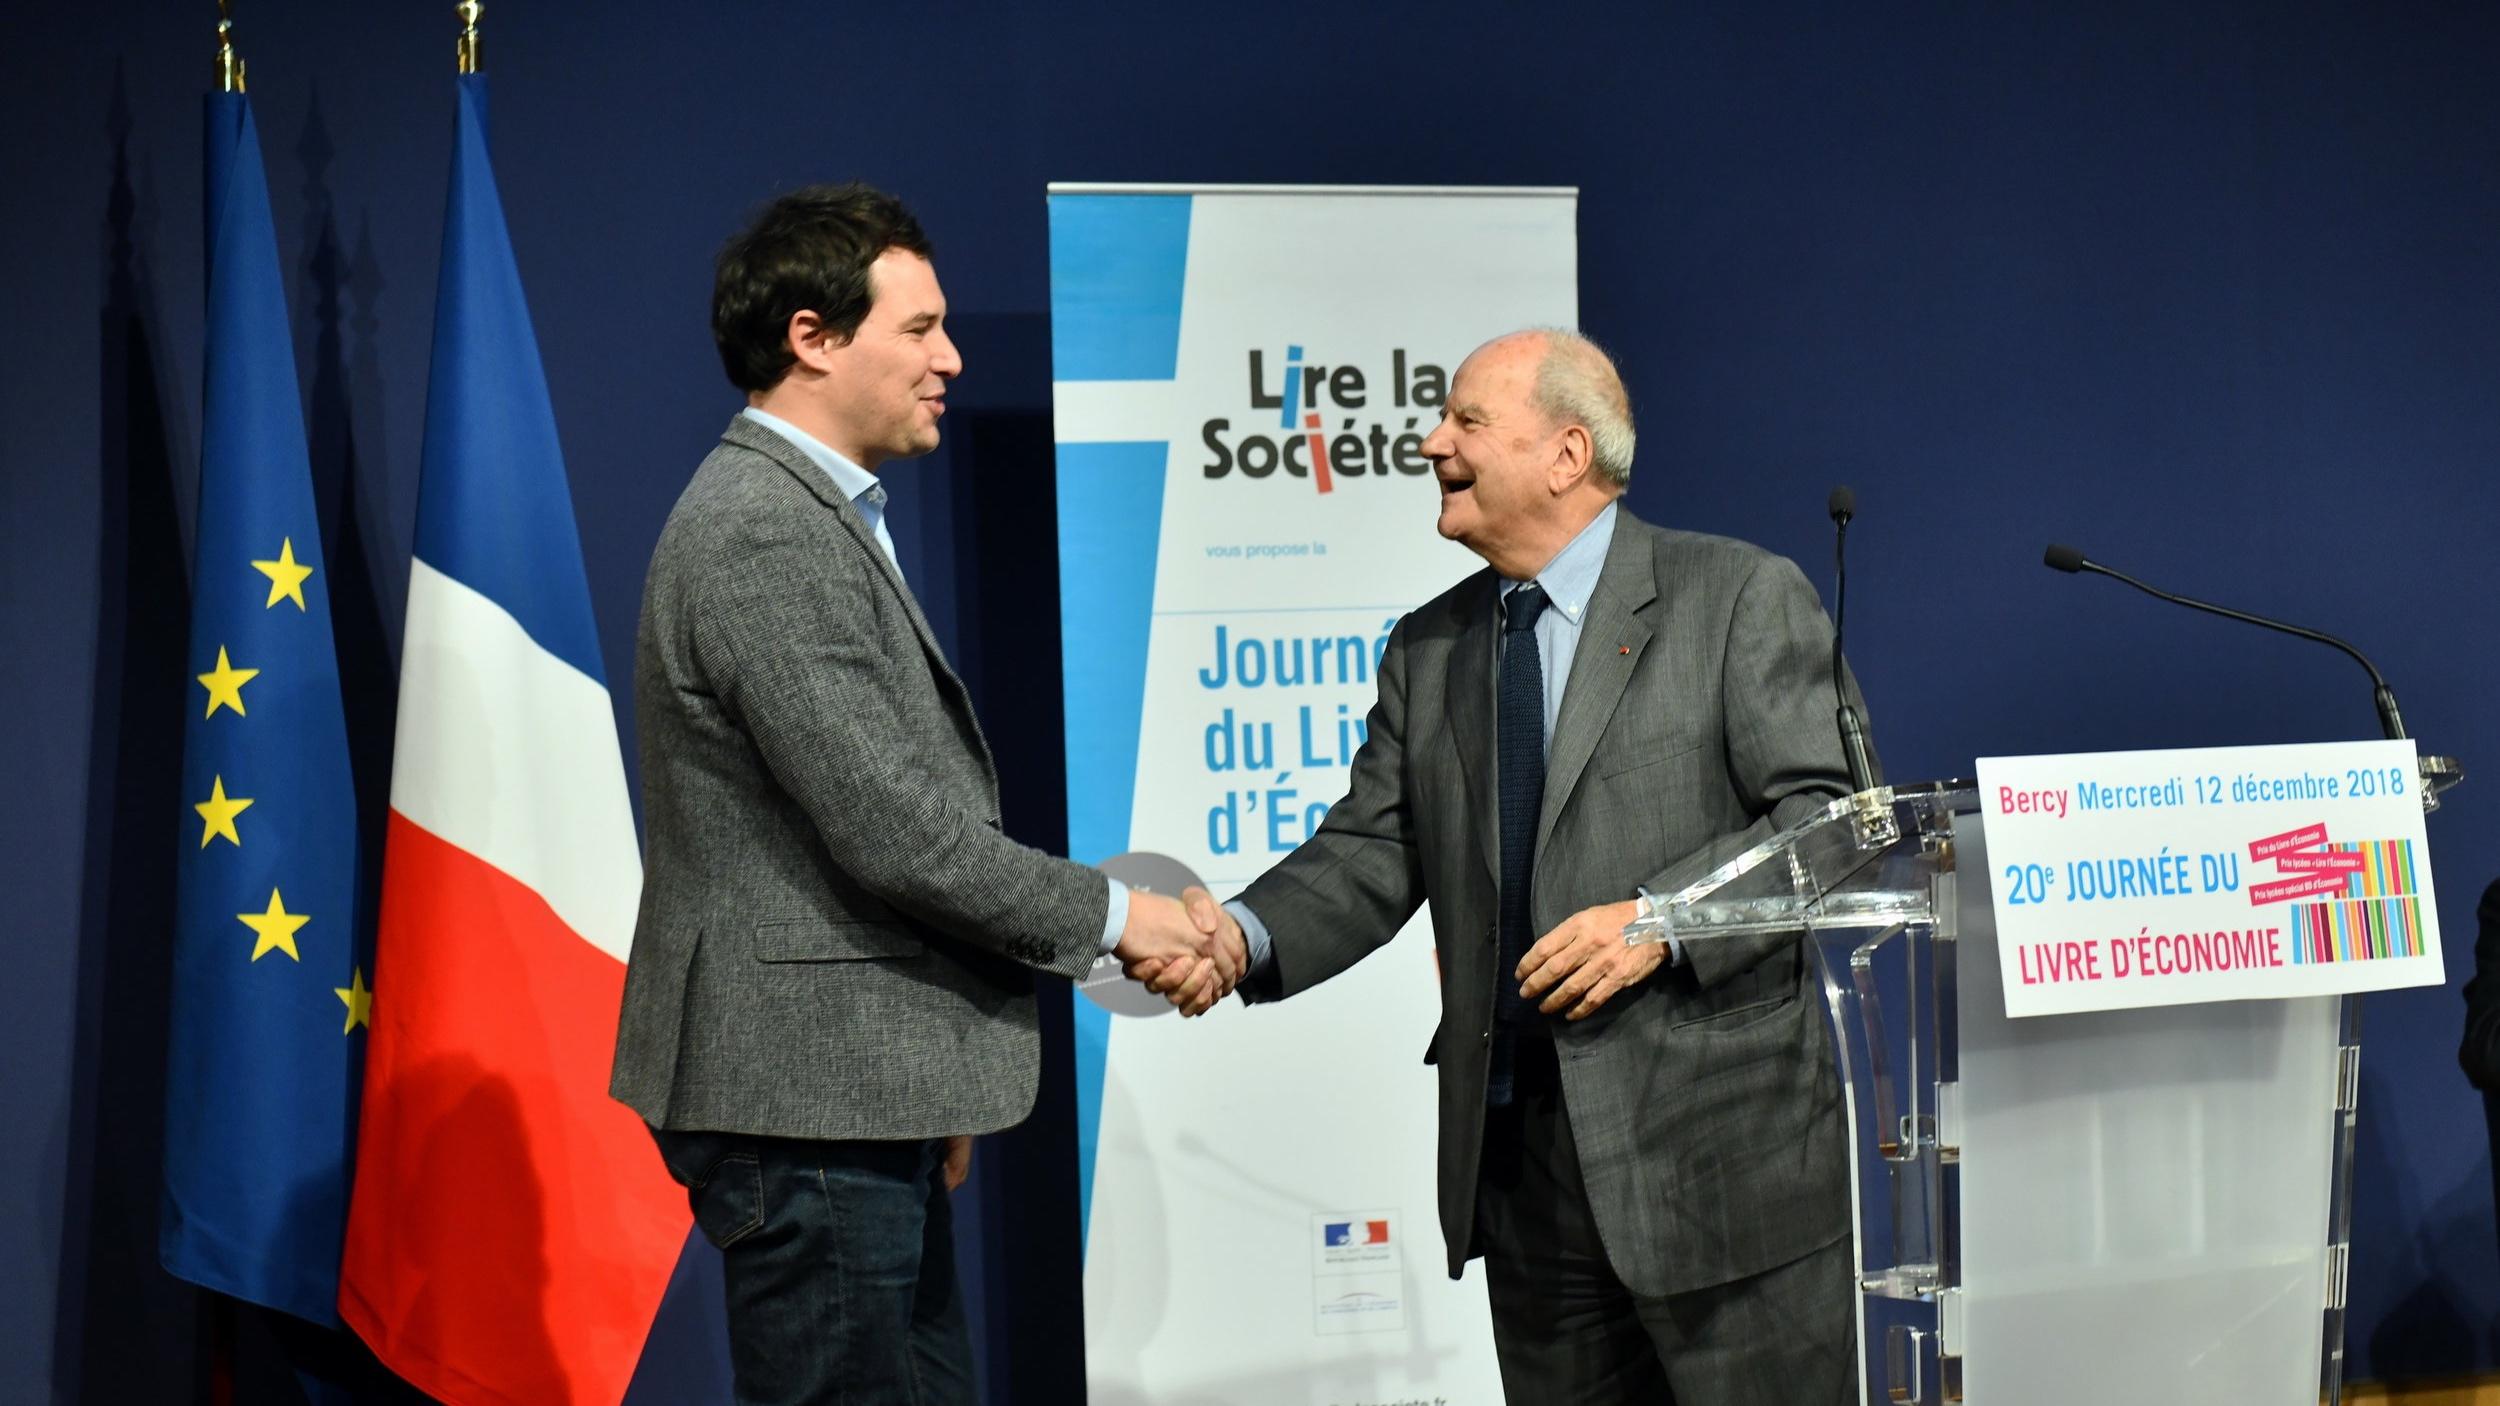 Guillaume+Pitron_20eme+journee+du+livre+d+economie_%C2%A9PBagein_062.jpg